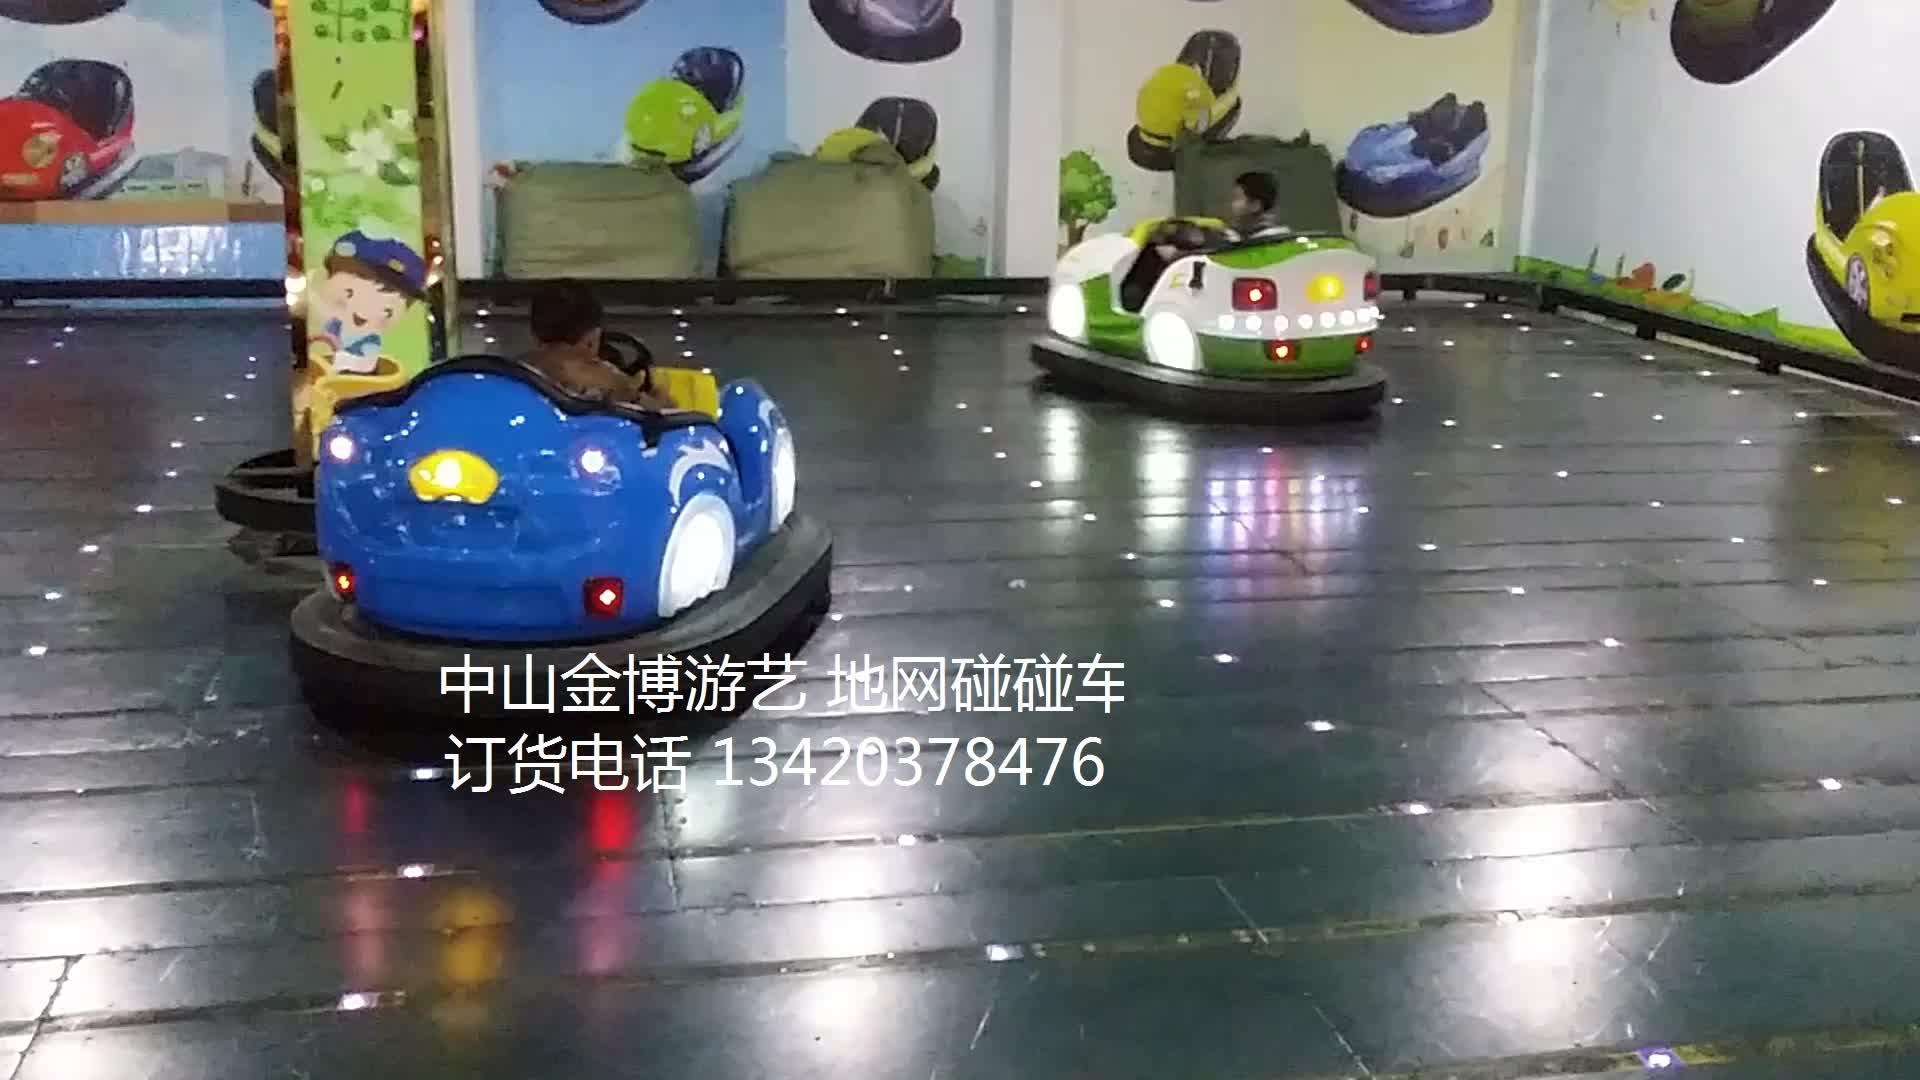 Batterie Autoscooter Alle Farben Erhältlich Batterie Kinder Mini Autoscooter elektrische Autoscooter für Kinder und Erwachsene